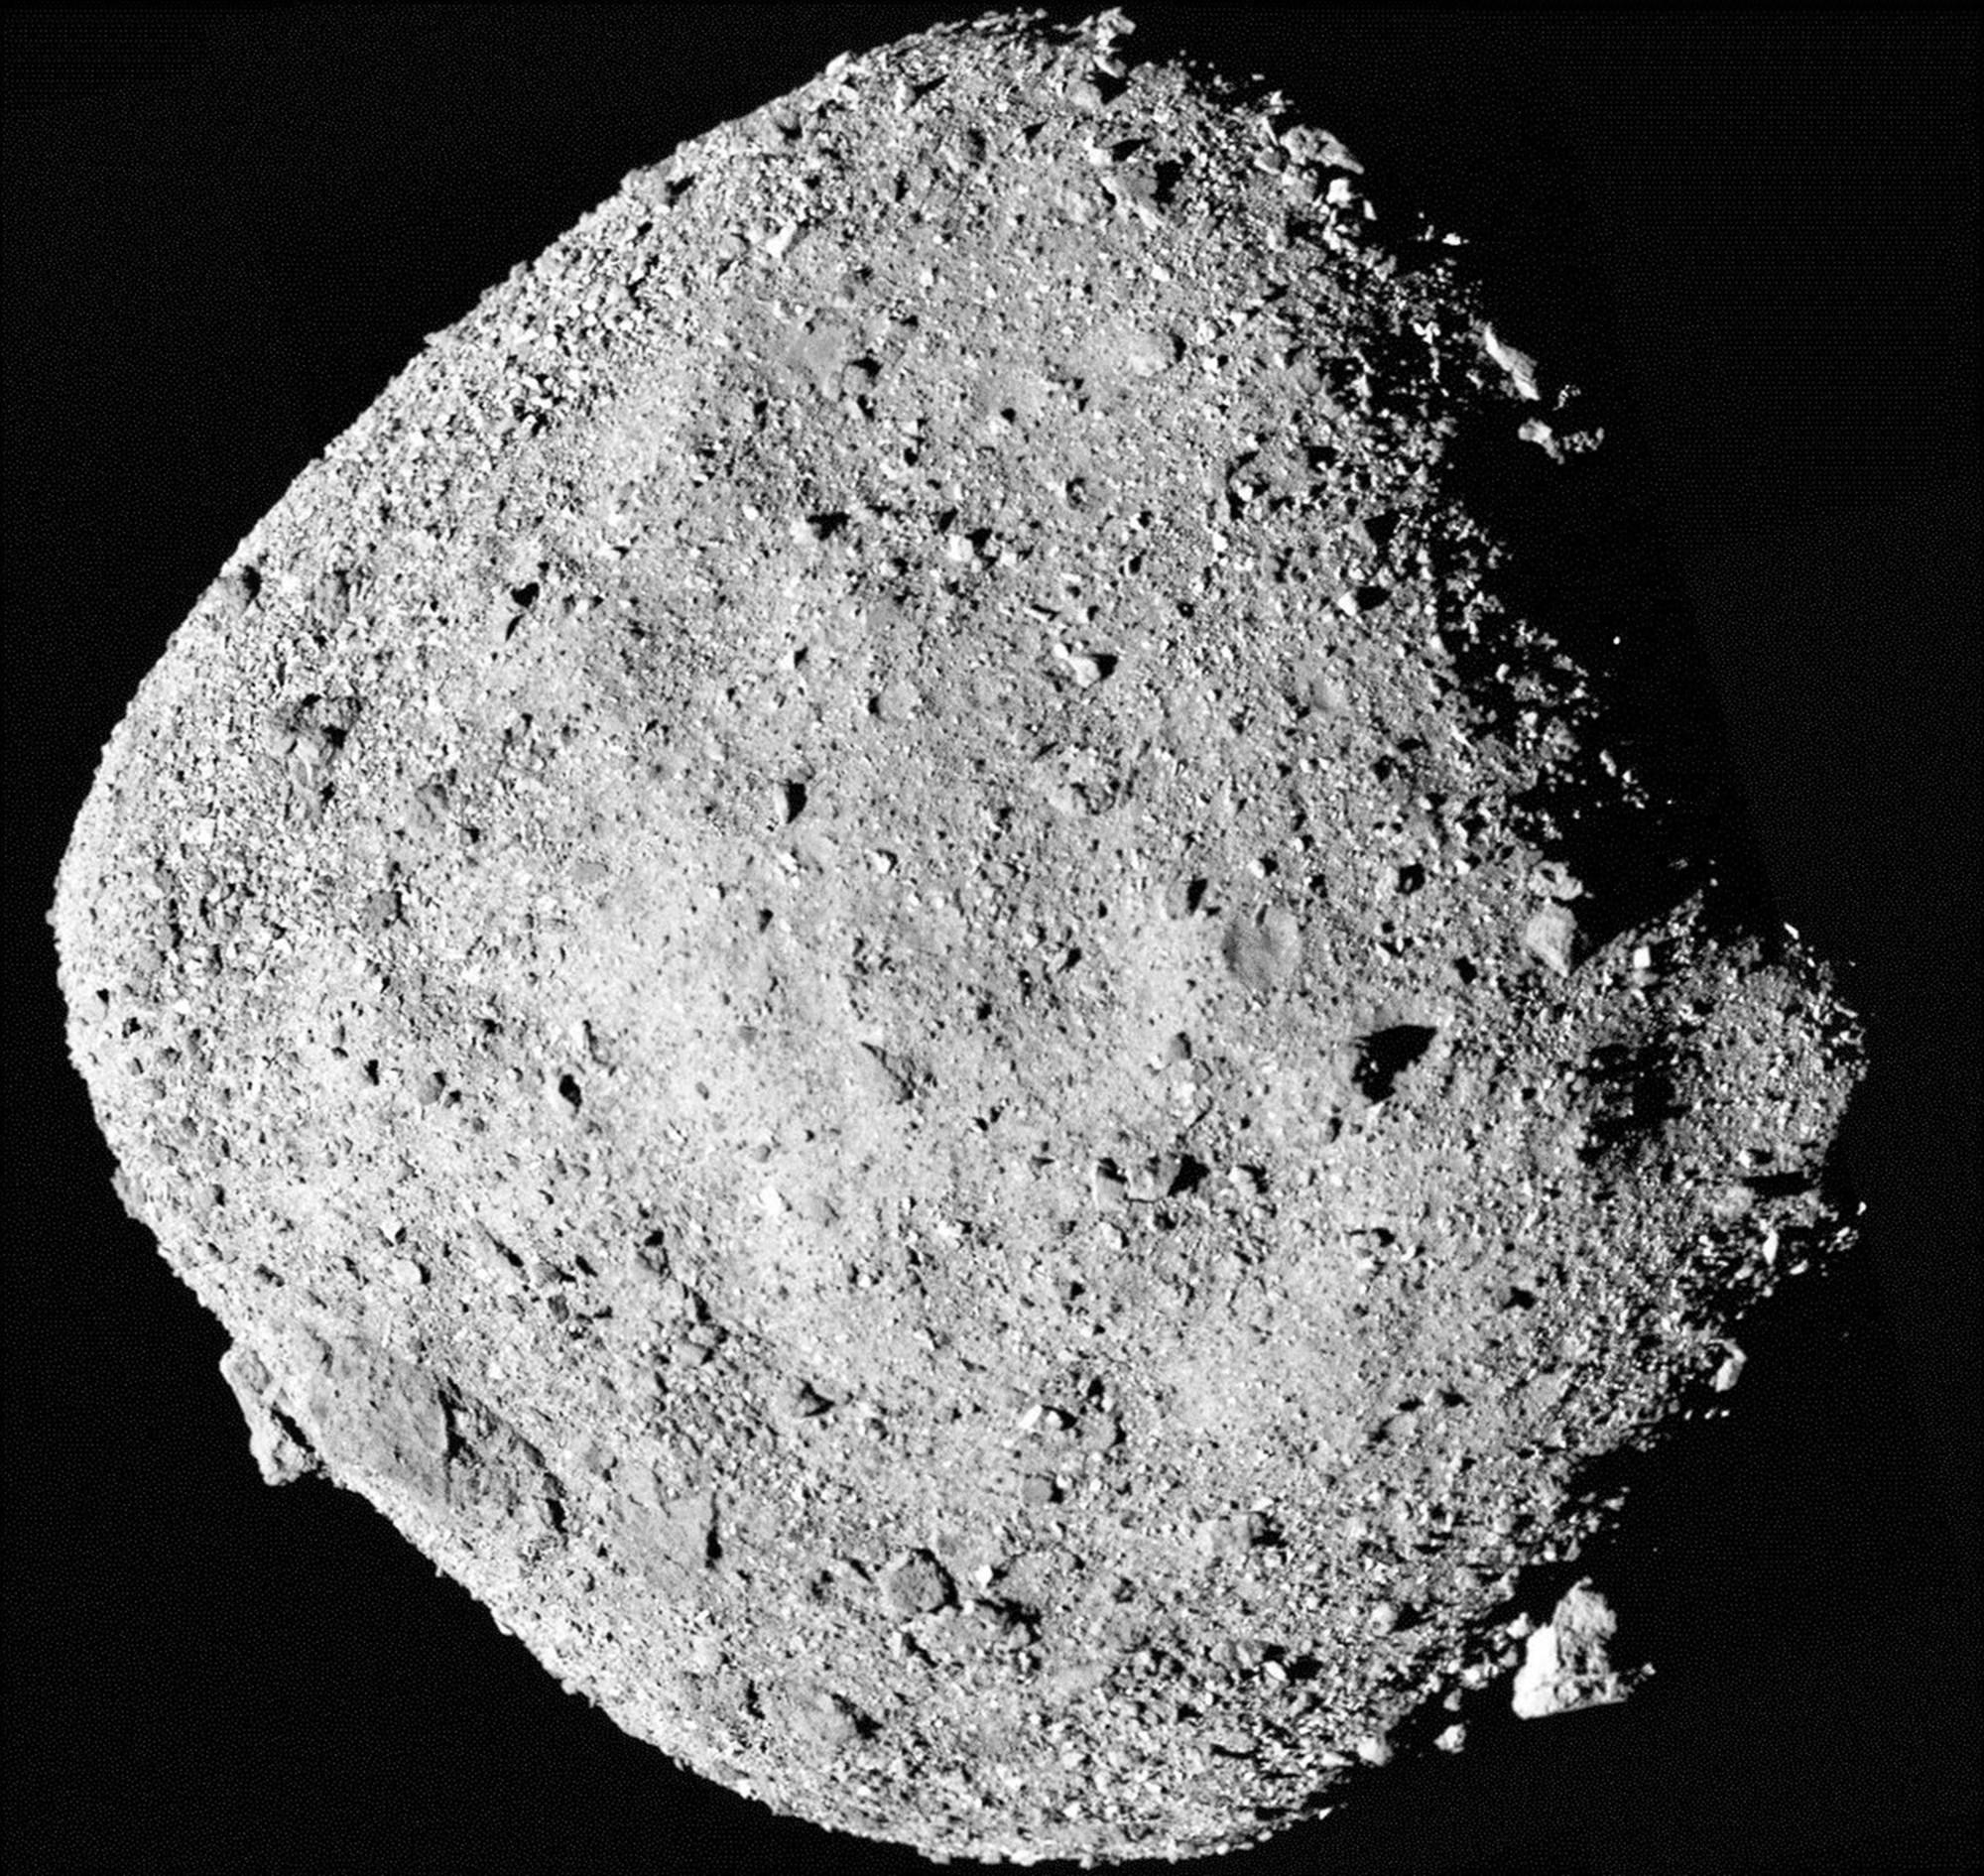 Zwei Schutthaufen aus der Frühzeit des Sonnensystems – derStandard.at